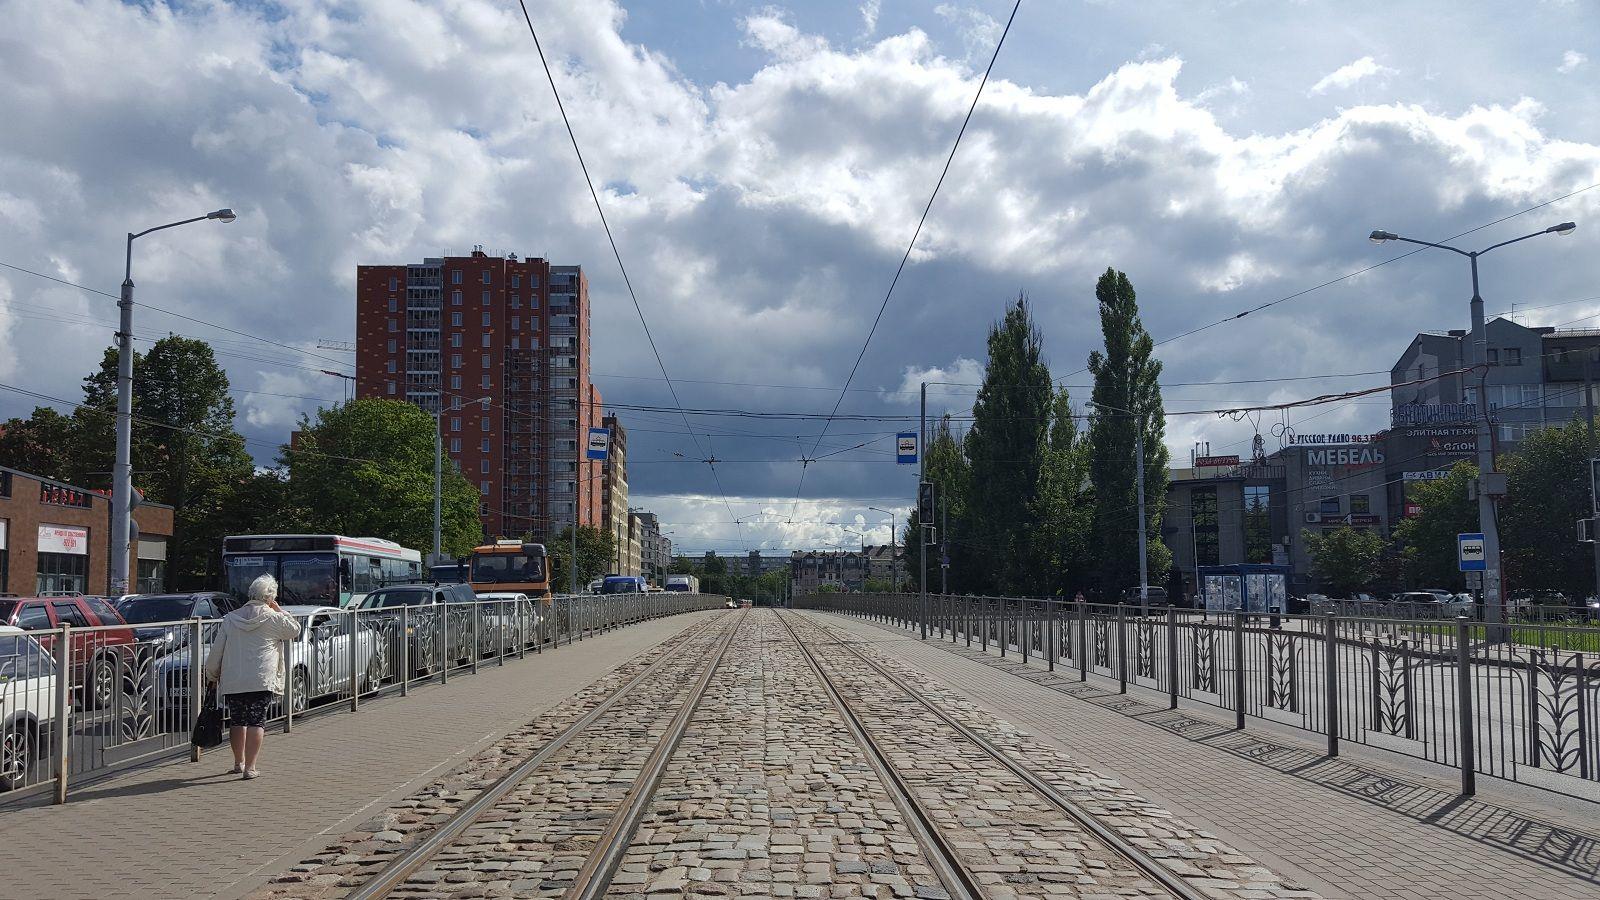 Как я провела свой день рождение, я покажу вам летний Калининград, фото 63